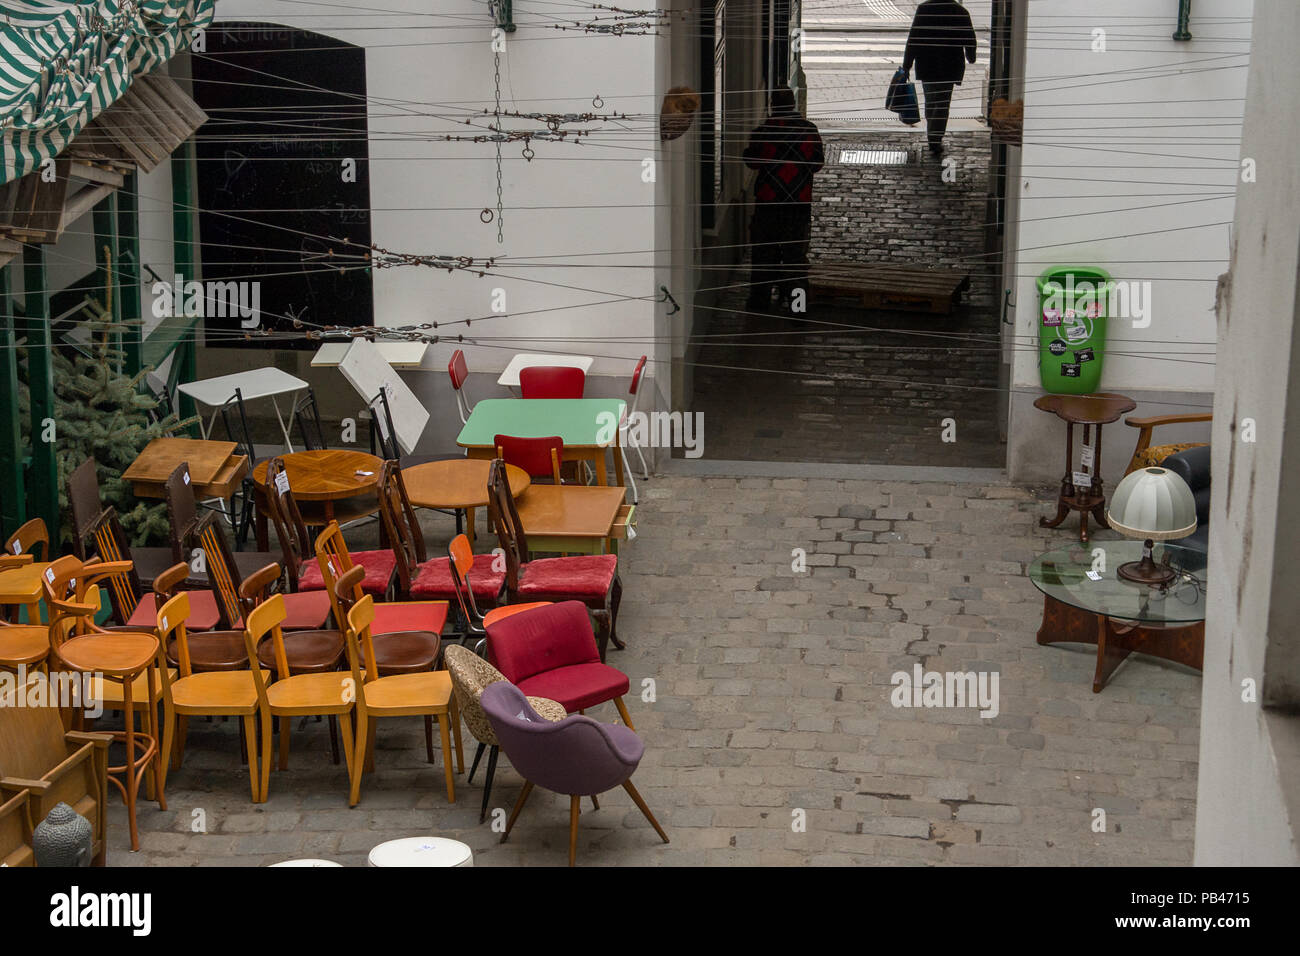 Europäische Retro Möbel Wird Auf Dem Display Im Hof Vor Der Ein